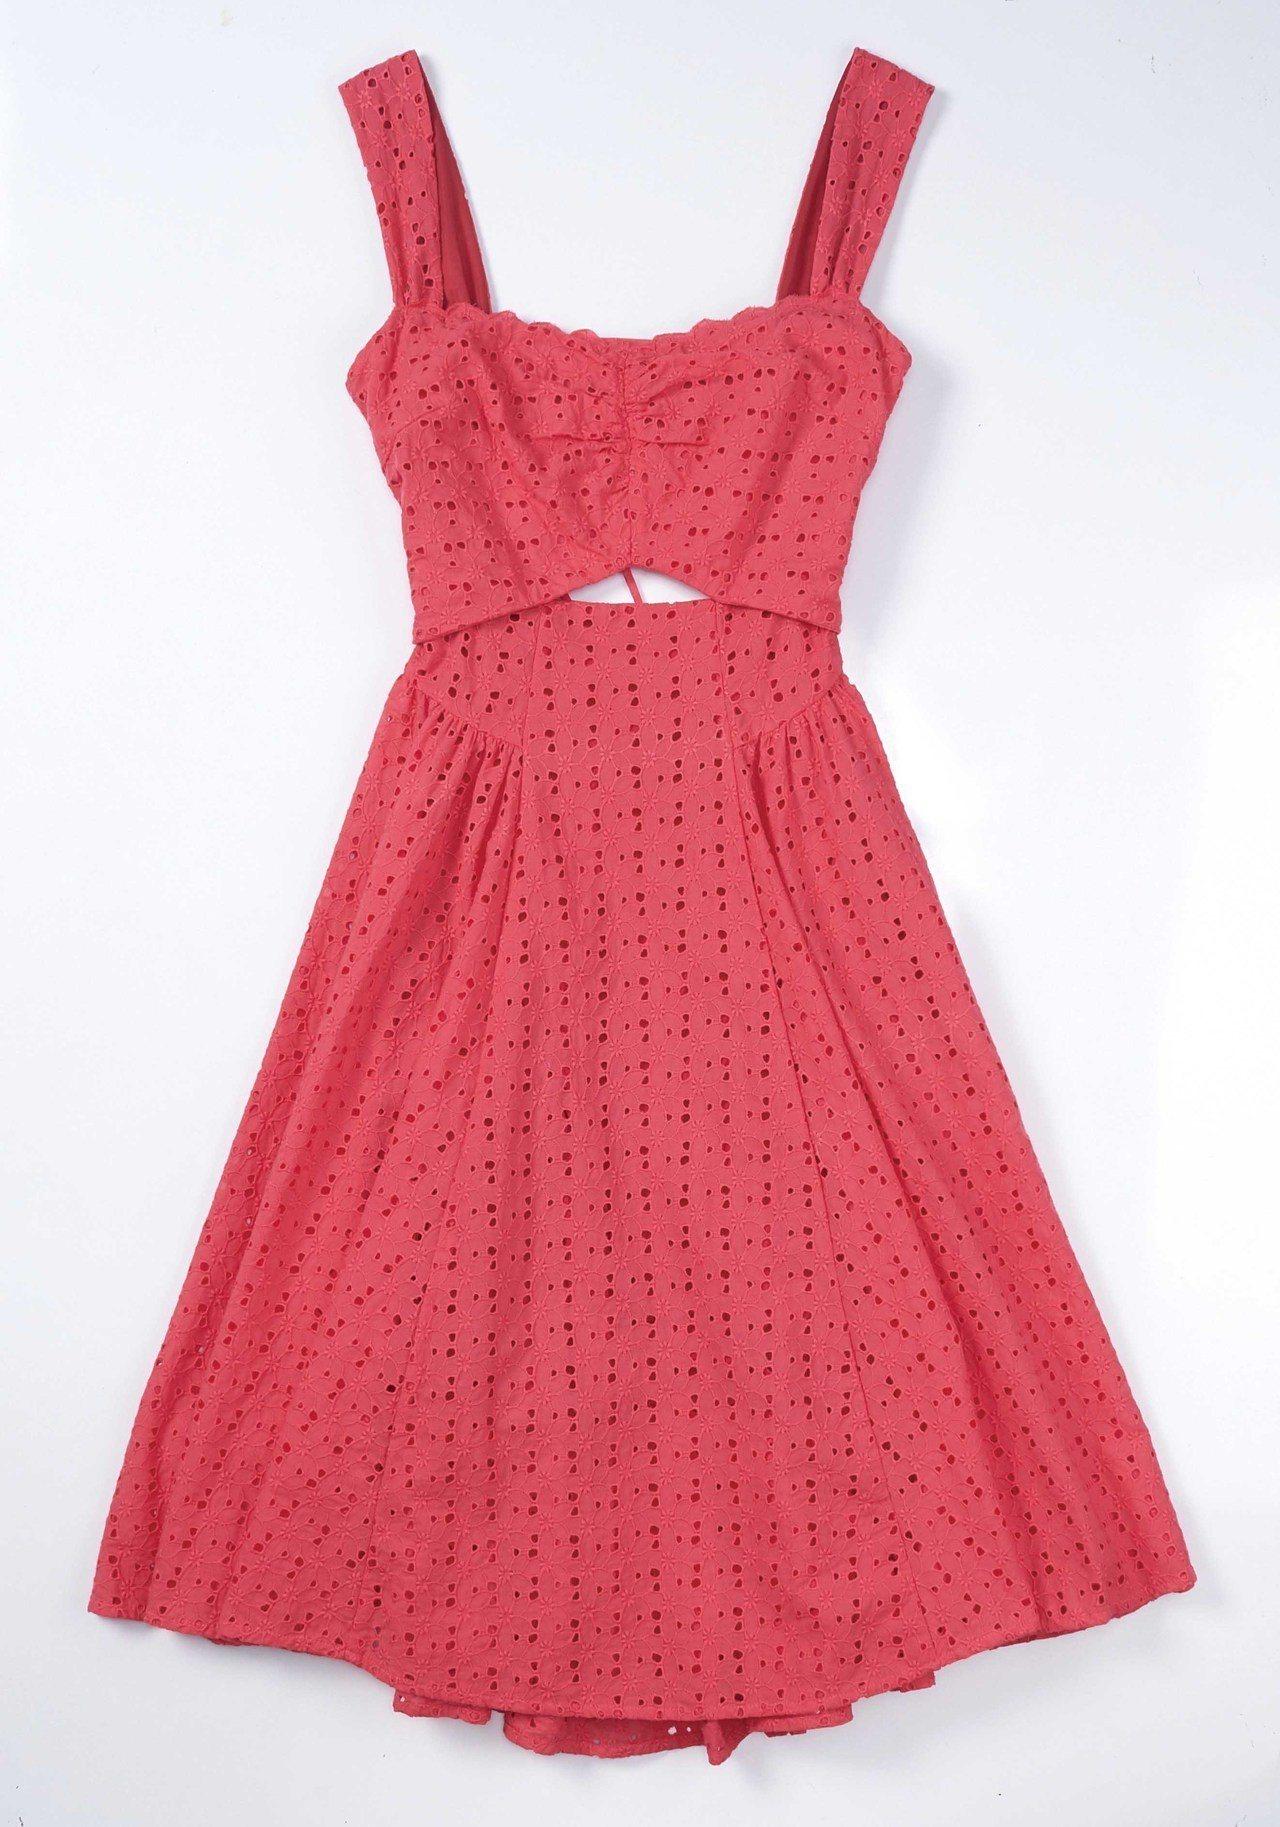 SOGO忠孝館snidel蕾絲透膚洋裝原價8,080元,特價3,380元。圖/S...